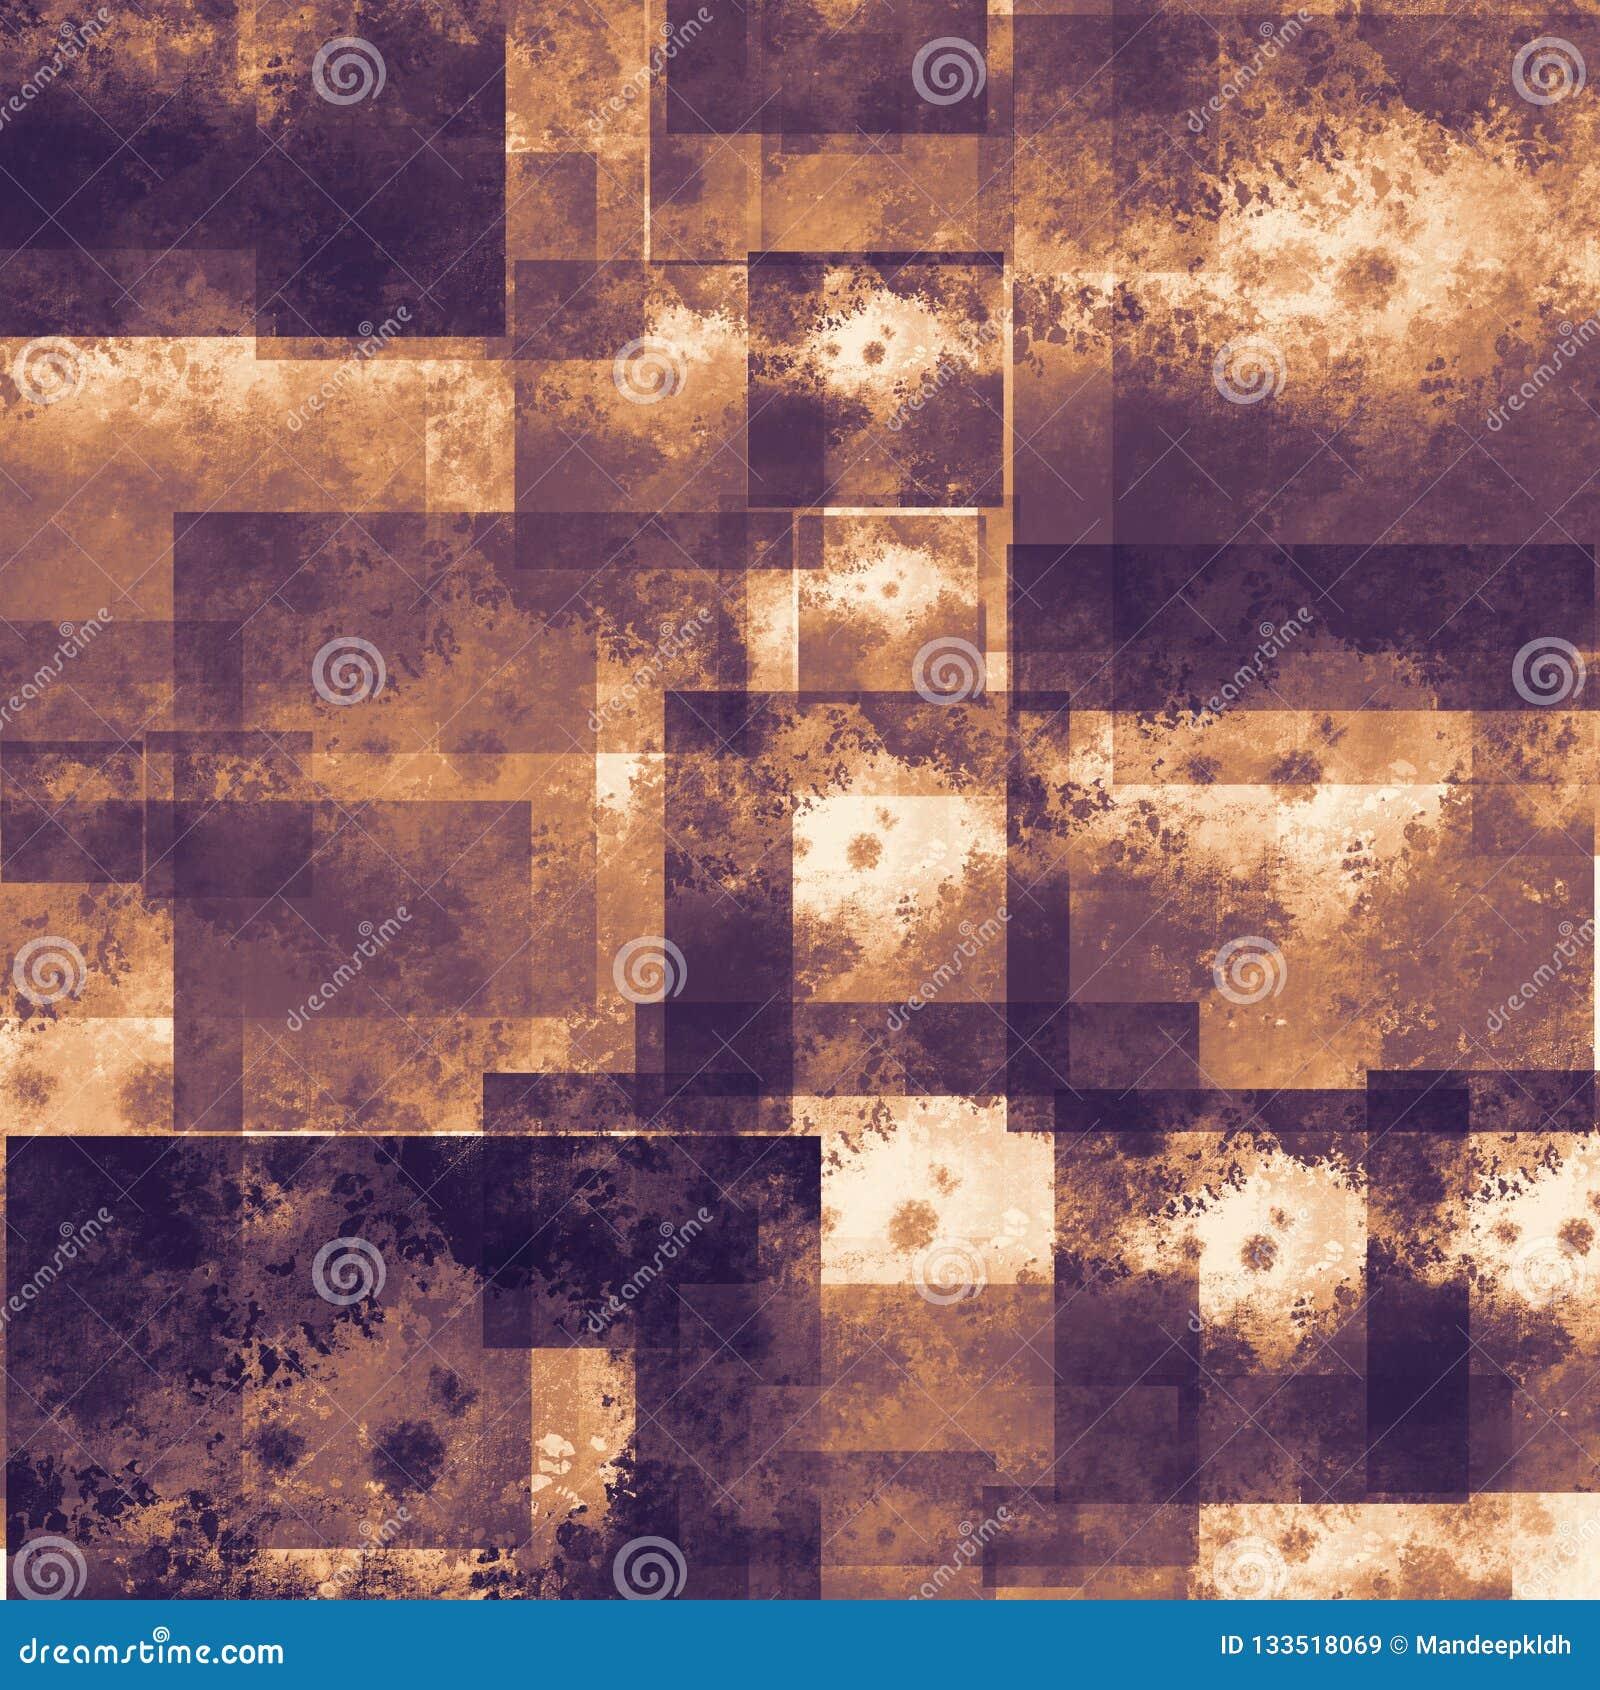 Målad abstrakt bakgrund Färgrika vätskeeffekter Grungelappar spridda på bakgrund Bra för: Väggkonst, kort, dekor